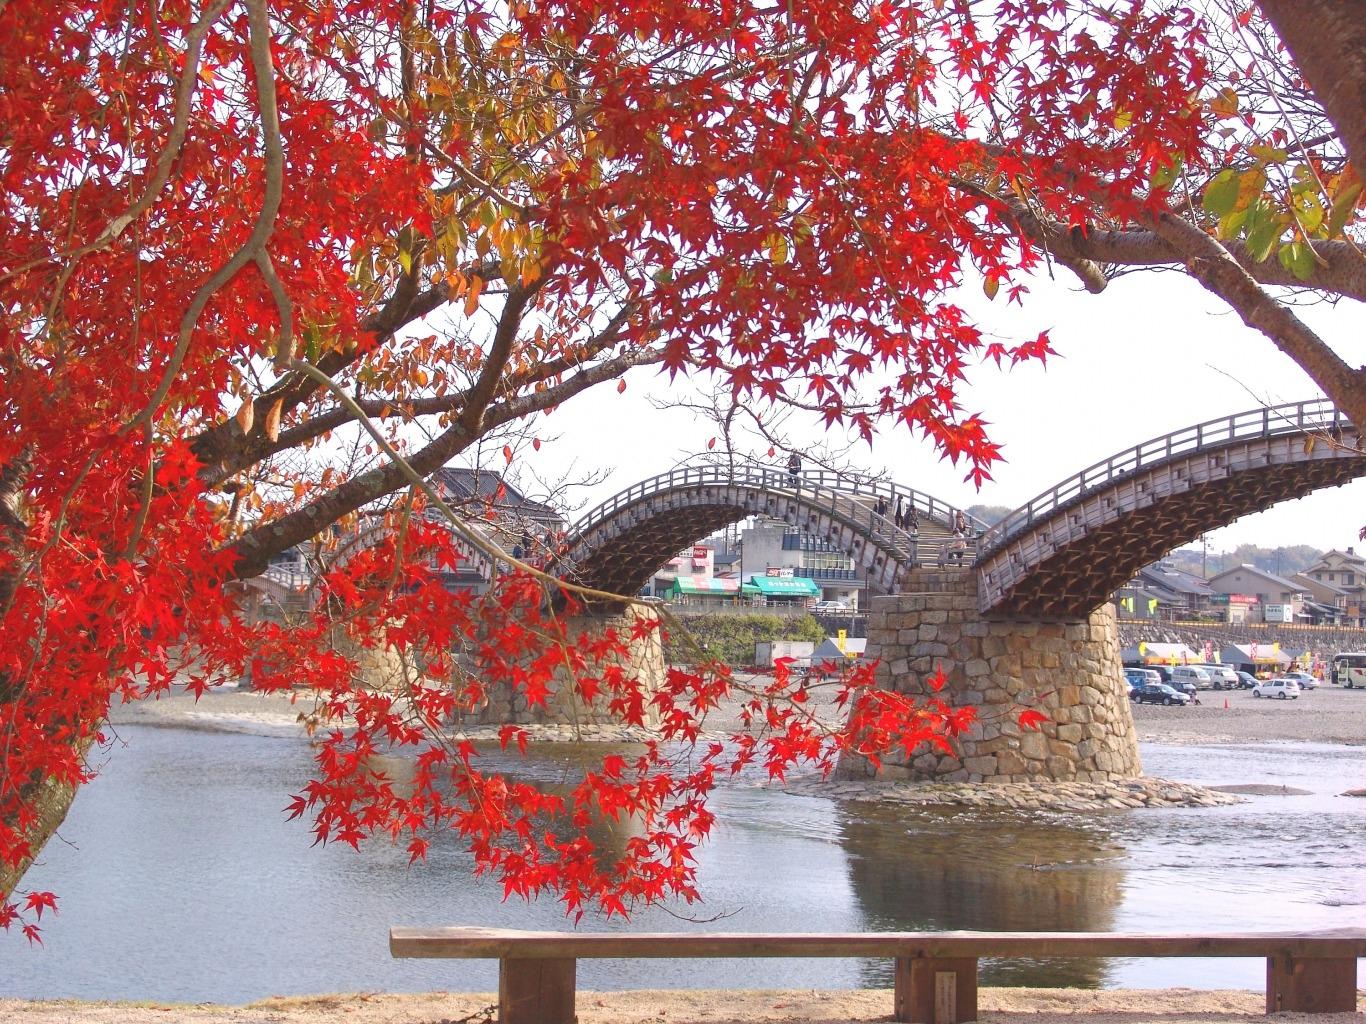 3. 锦带桥